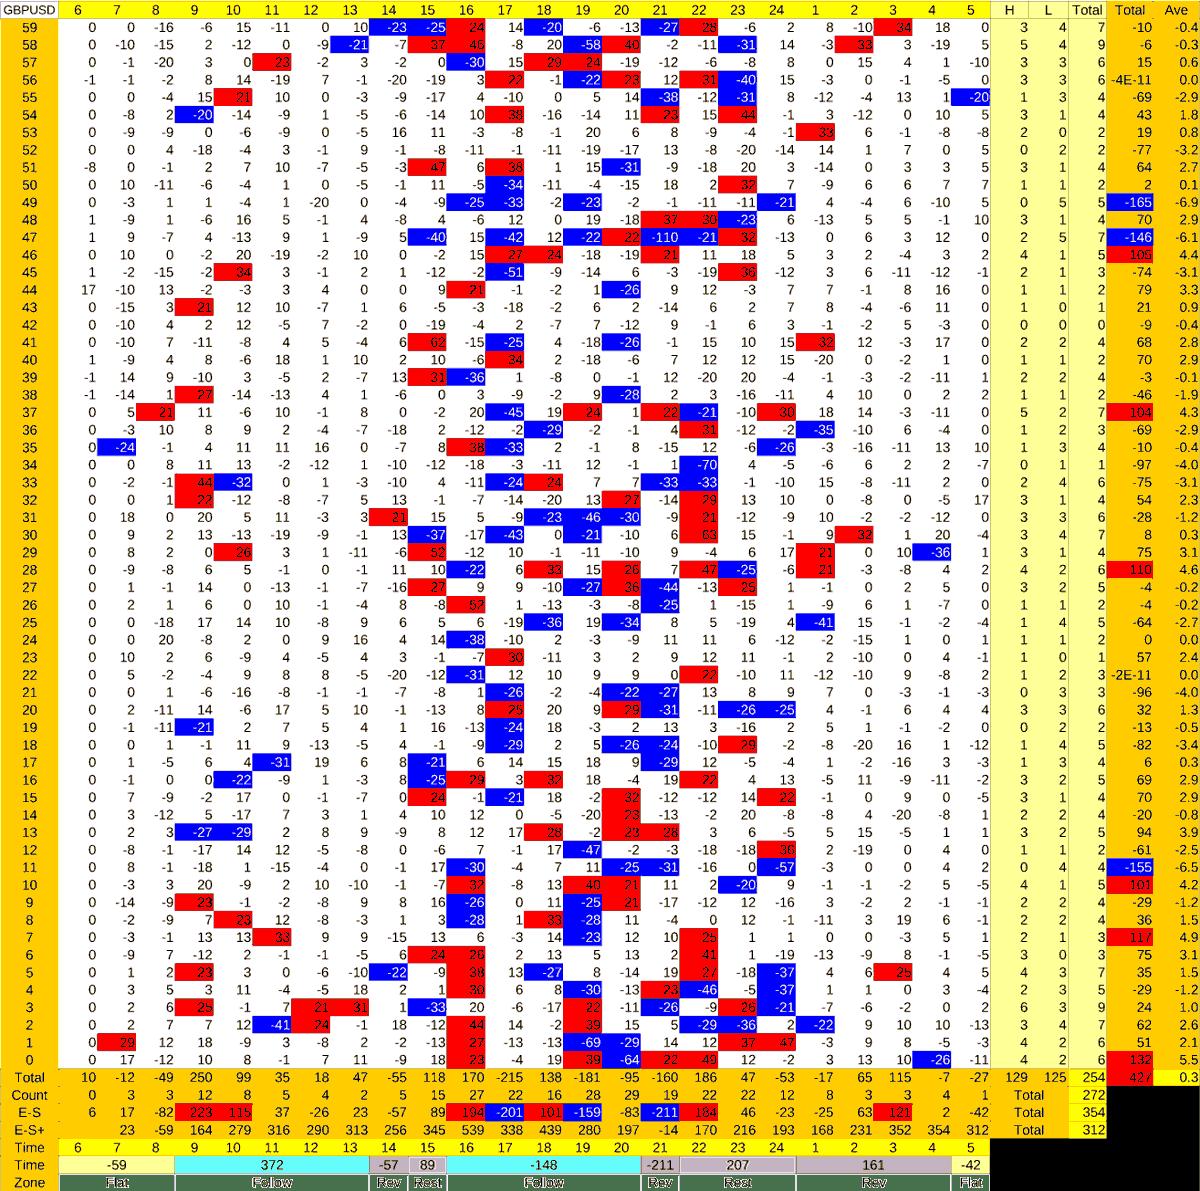 20210426_HS(2)GBPUSD